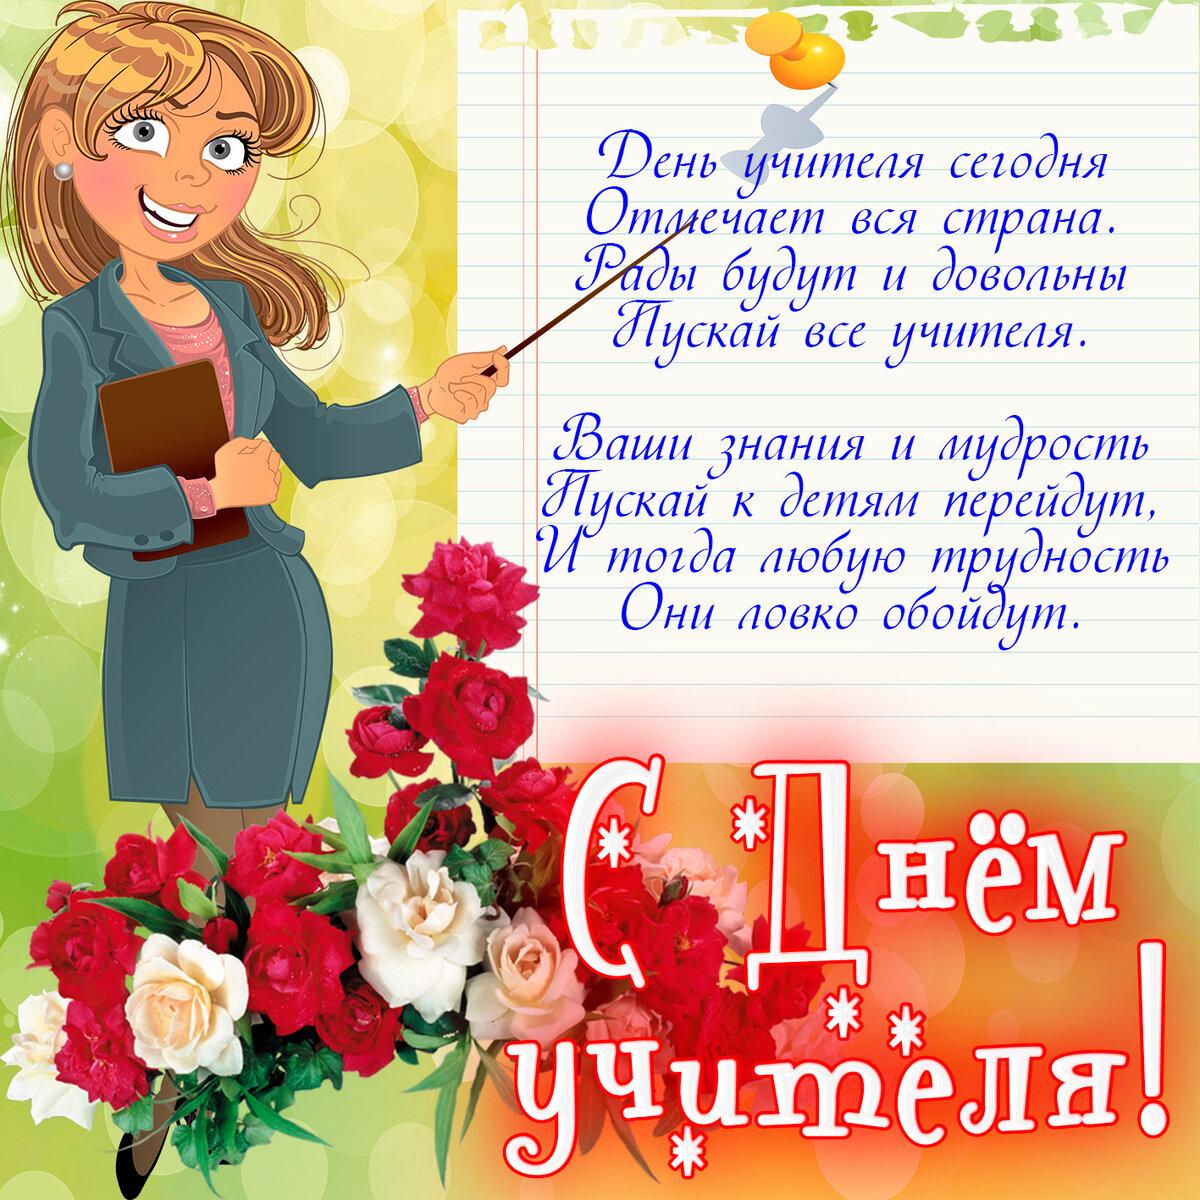 Картинки к дню учителя с поздравлением и пожеланием, поздравлениями